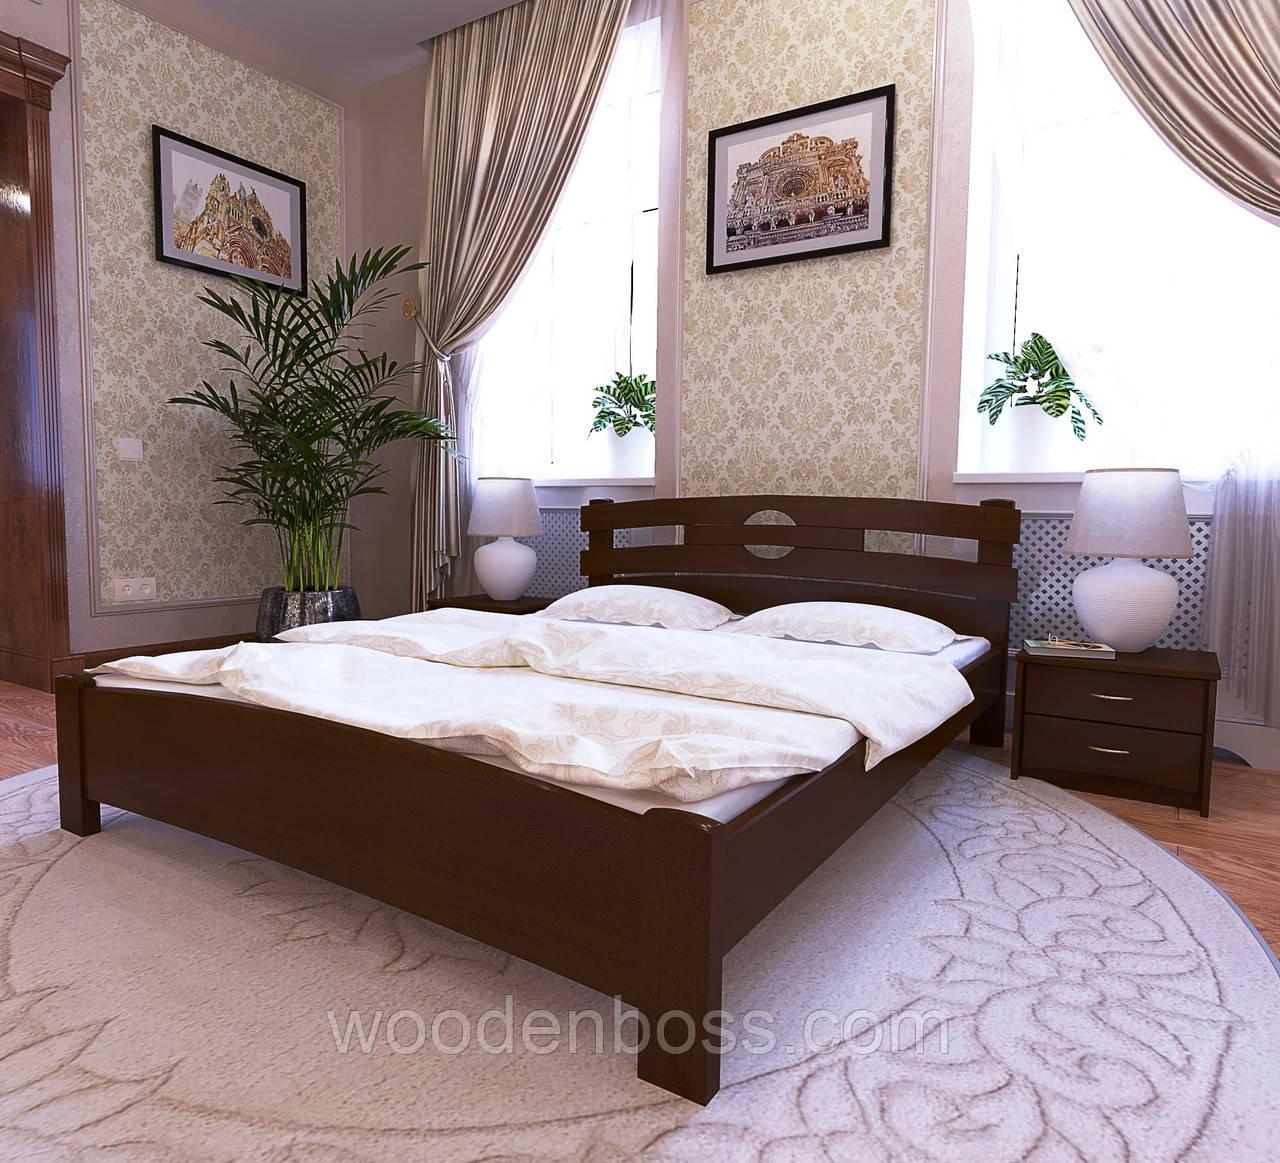 """Кровать односпальная от """"Wooden Boss"""" Токио(спальное место 80х190/200)"""